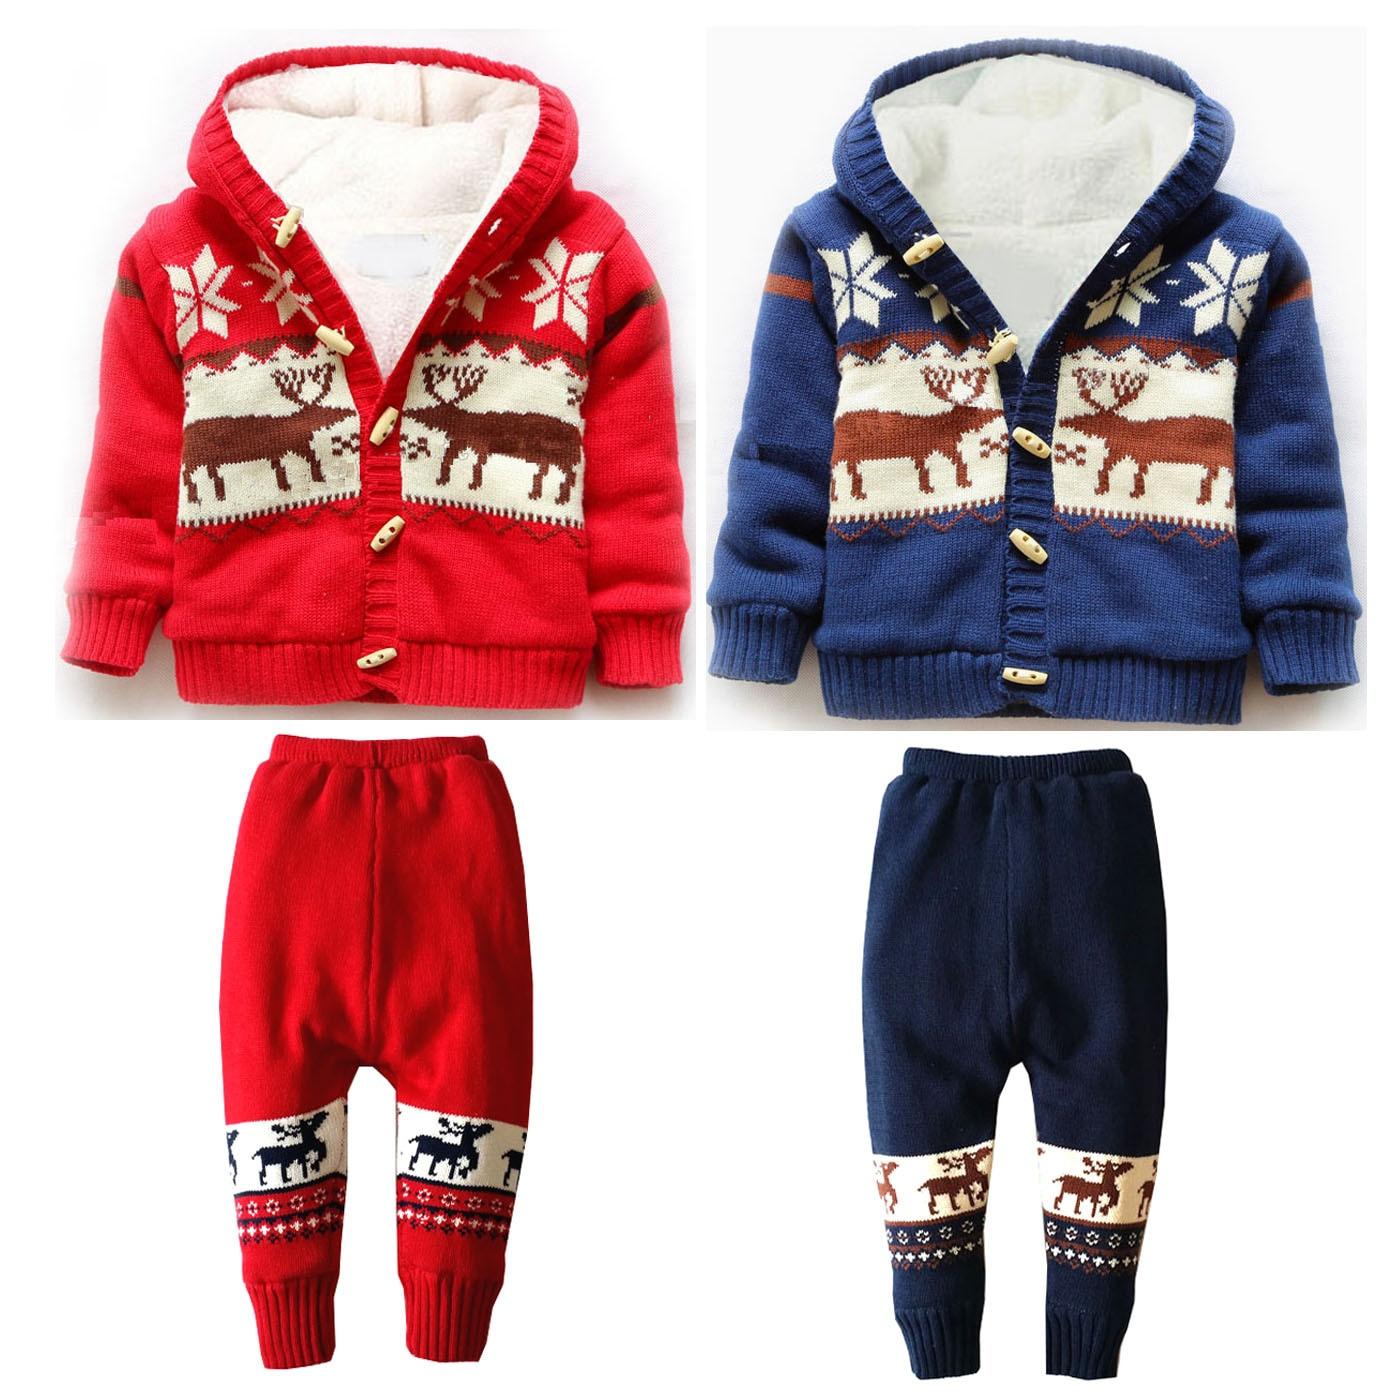 Unisexe garçons filles 2 pièces hiver à capuche corne boucle manteau & Long pantalon ensemble épaissir chaud polaire coton tricot Cardigan pull pantalon